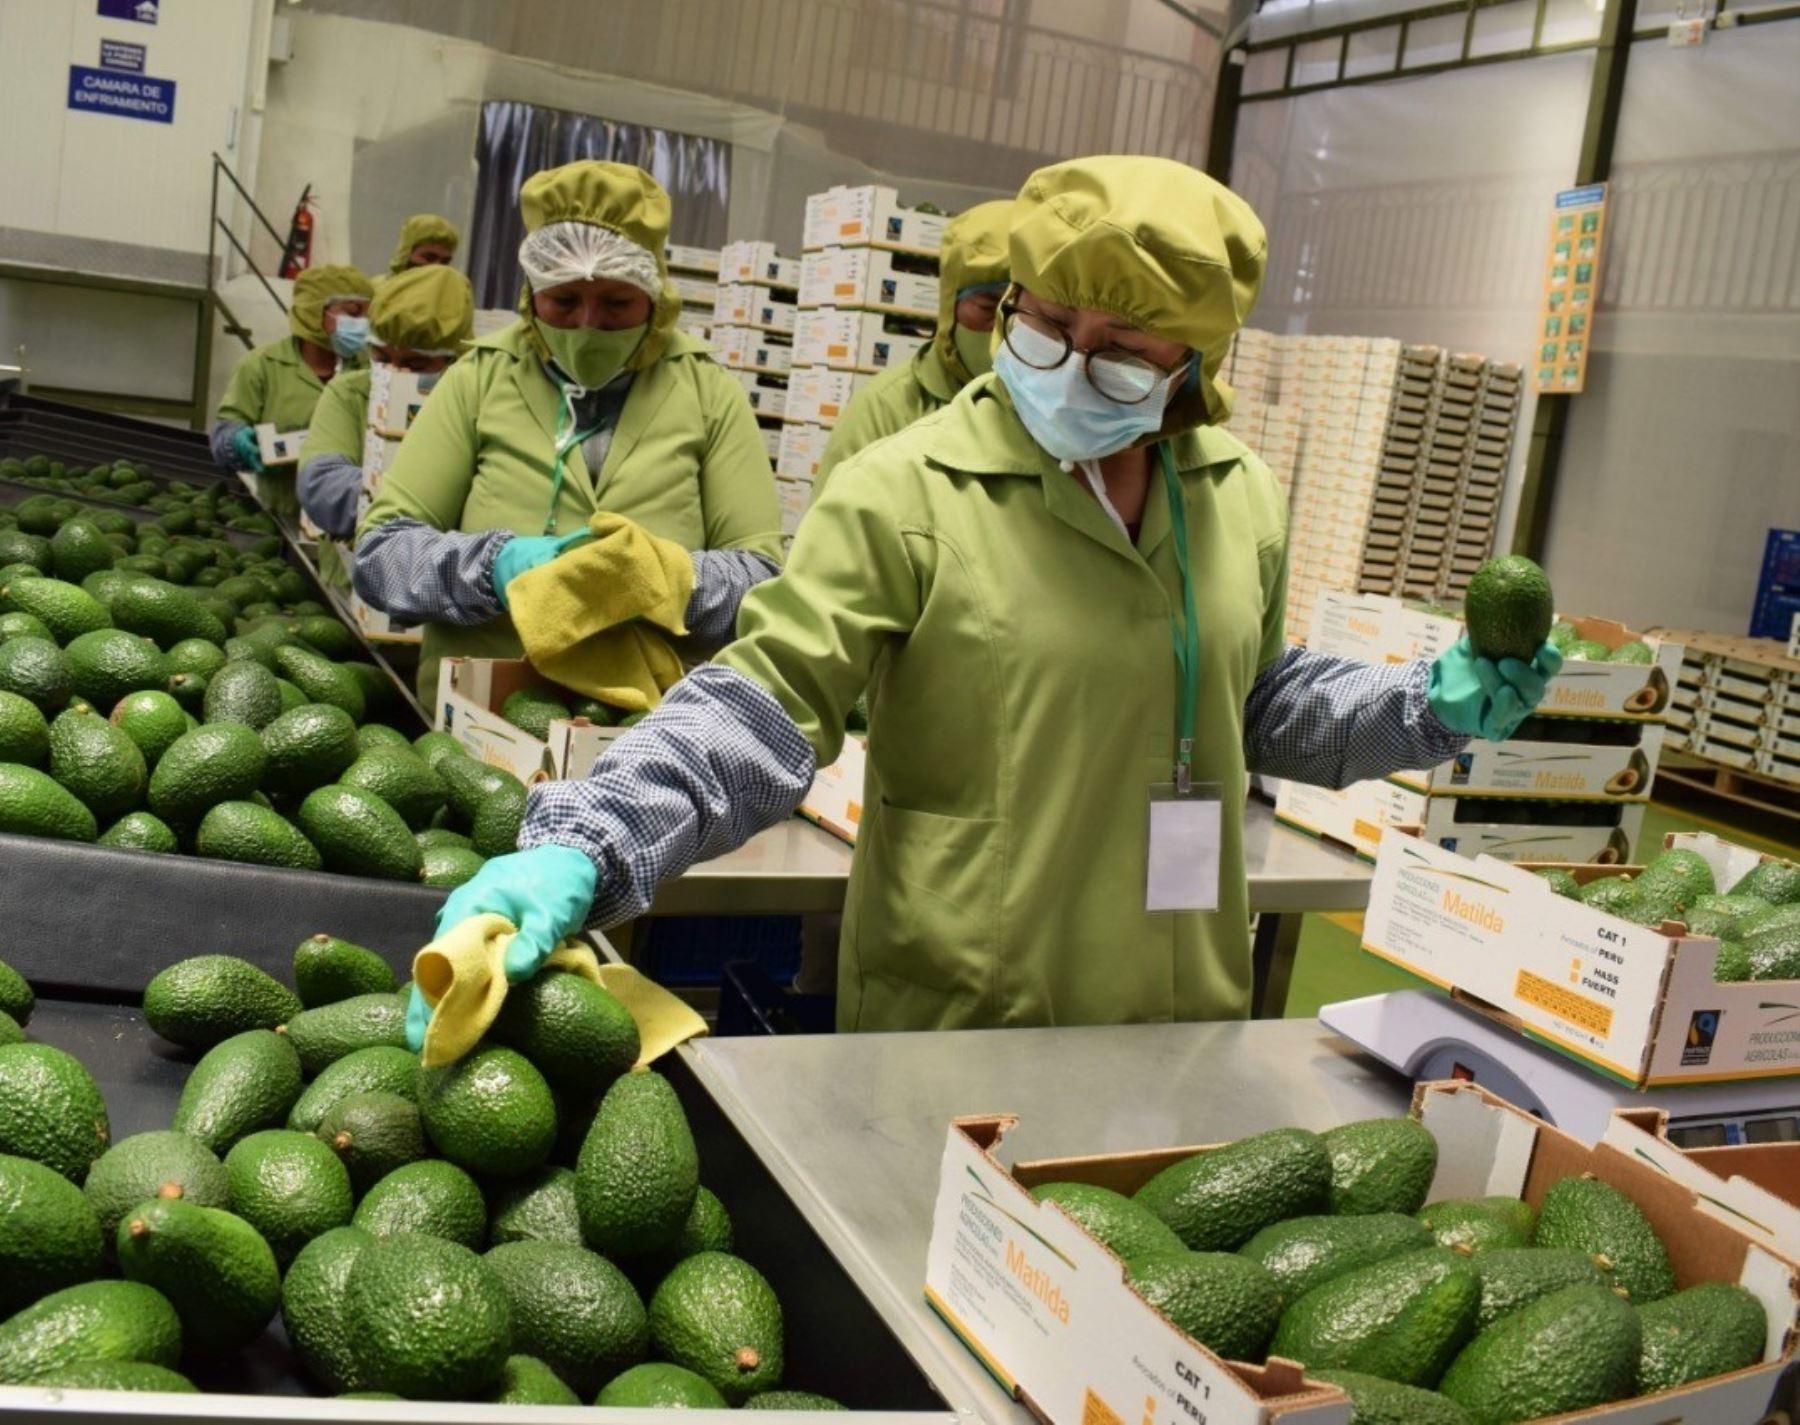 Cusco avanza en exportación de palta hass y envía 42 toneladas a Suiza. Por primera vez cargamento es empacado en la misma zona de producción y ya no es necesario trasladarlo a Ica para este proceso.  ANDINA/Difusión